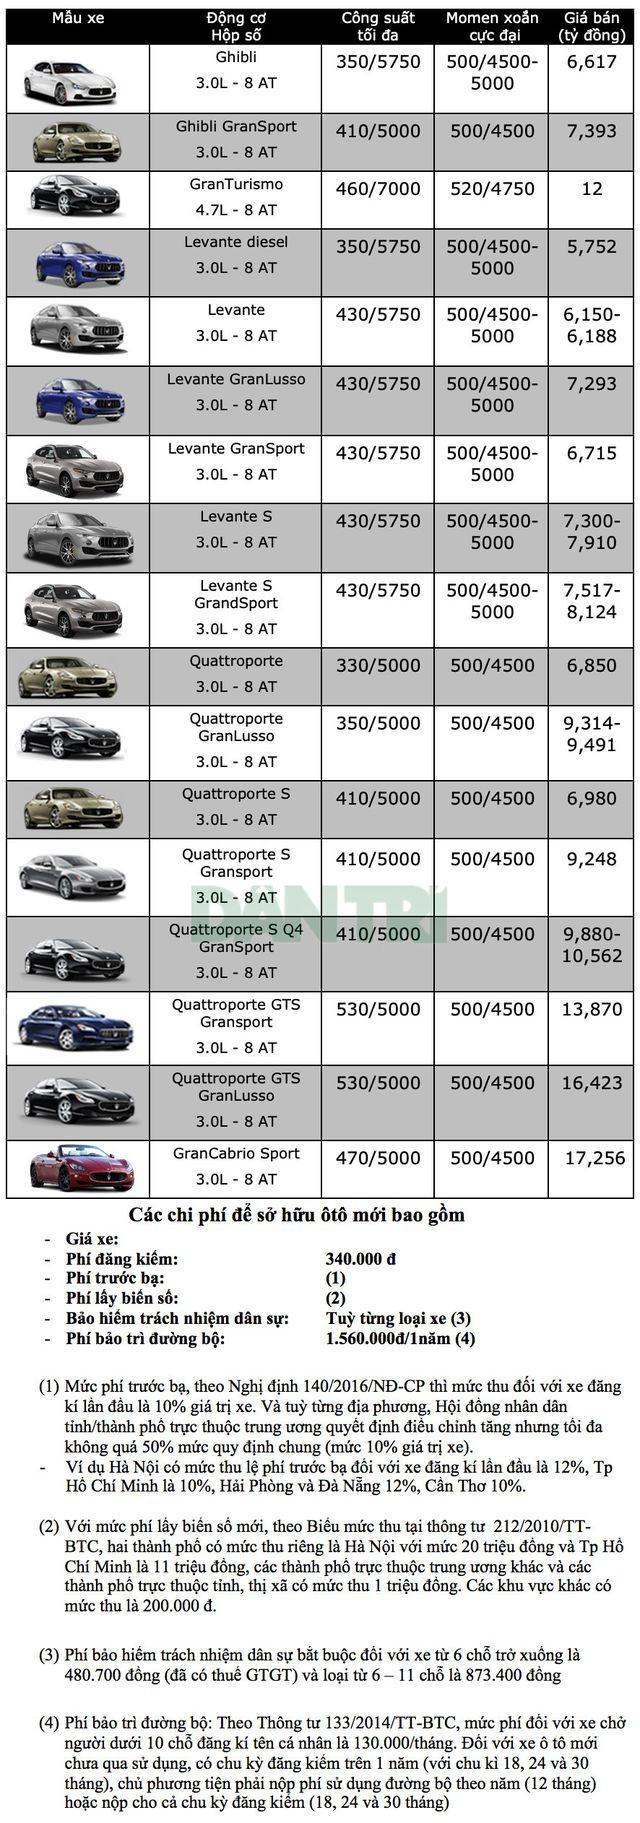 Bảng giá Maserati tại Việt Nam cập nhật tháng 3/2019 - 1